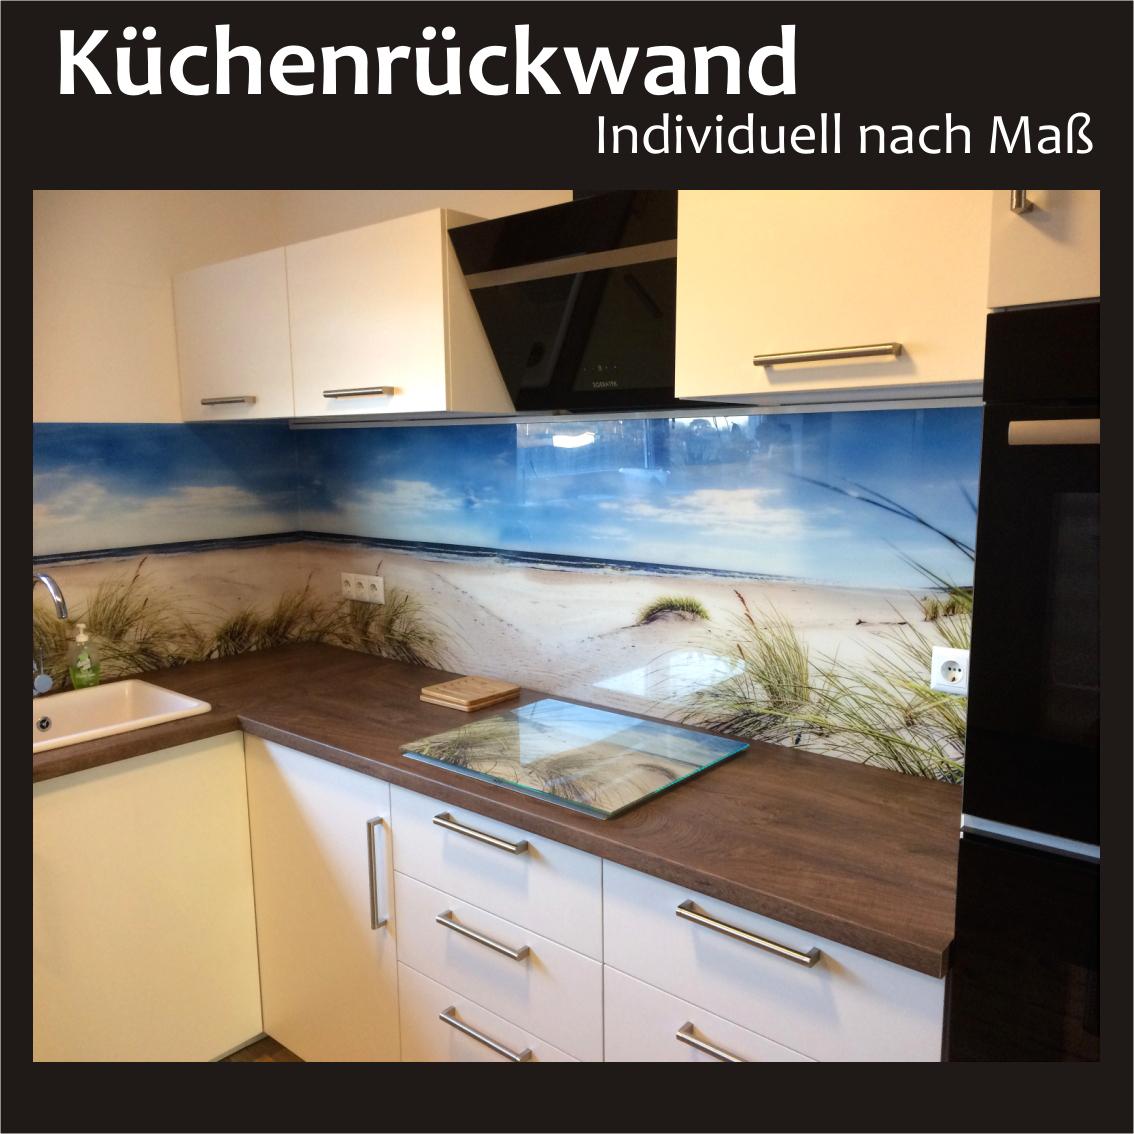 Full Size of Küchen Fliesenspiegel Kchenrckwand Nach Ma Küche Selber Machen Glas Regal Wohnzimmer Küchen Fliesenspiegel